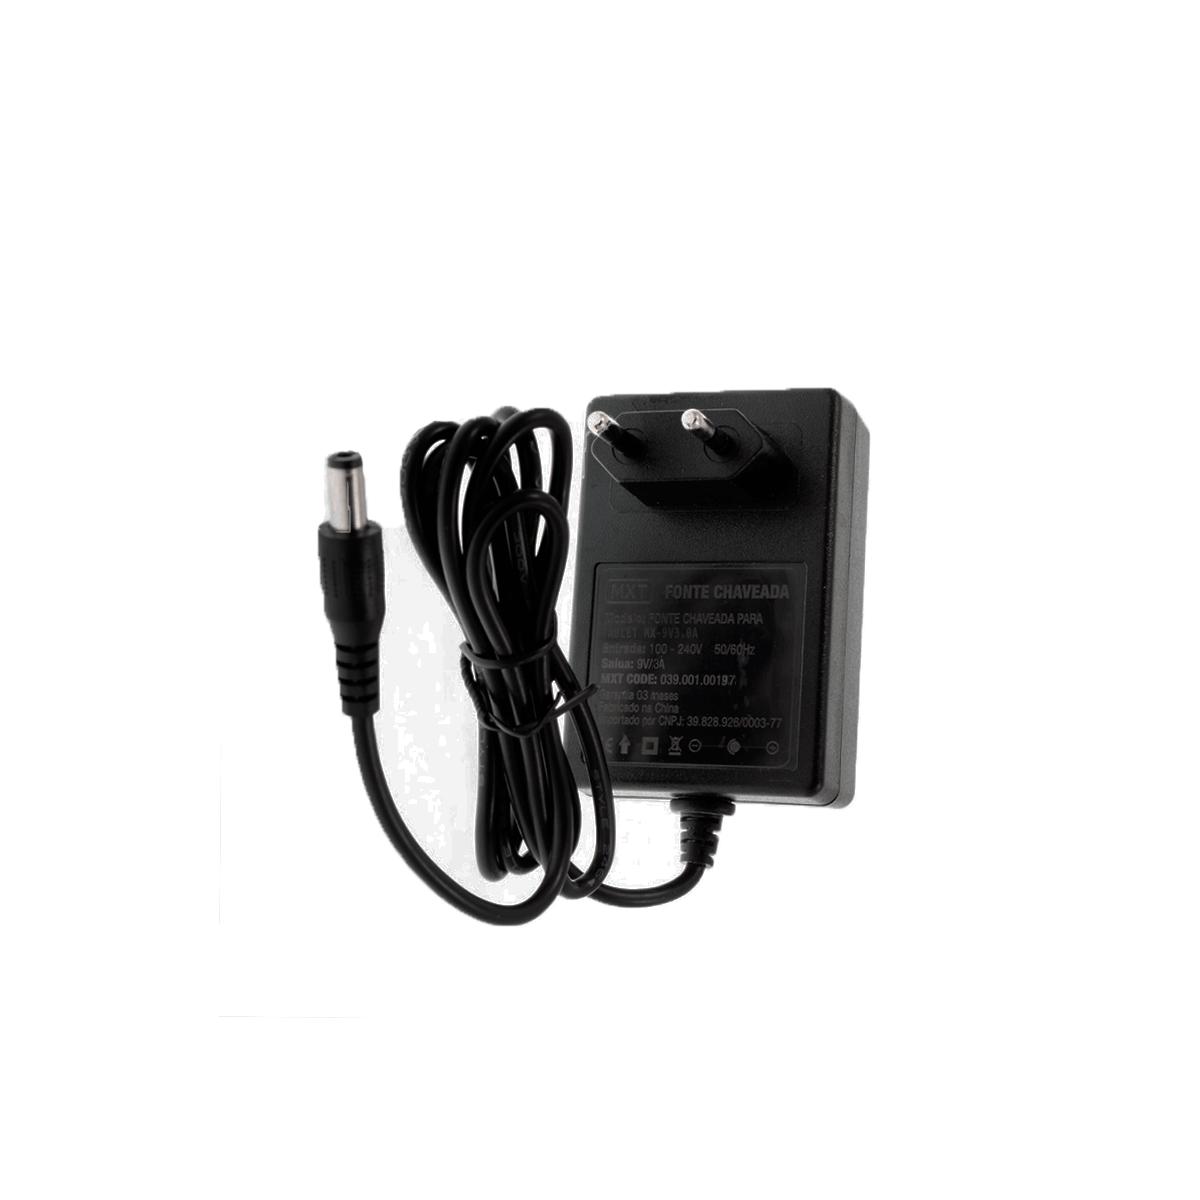 Fonte de Energia Chaveada para Iluminadores e Tablet 9V 3A (C+)  - Fotolux